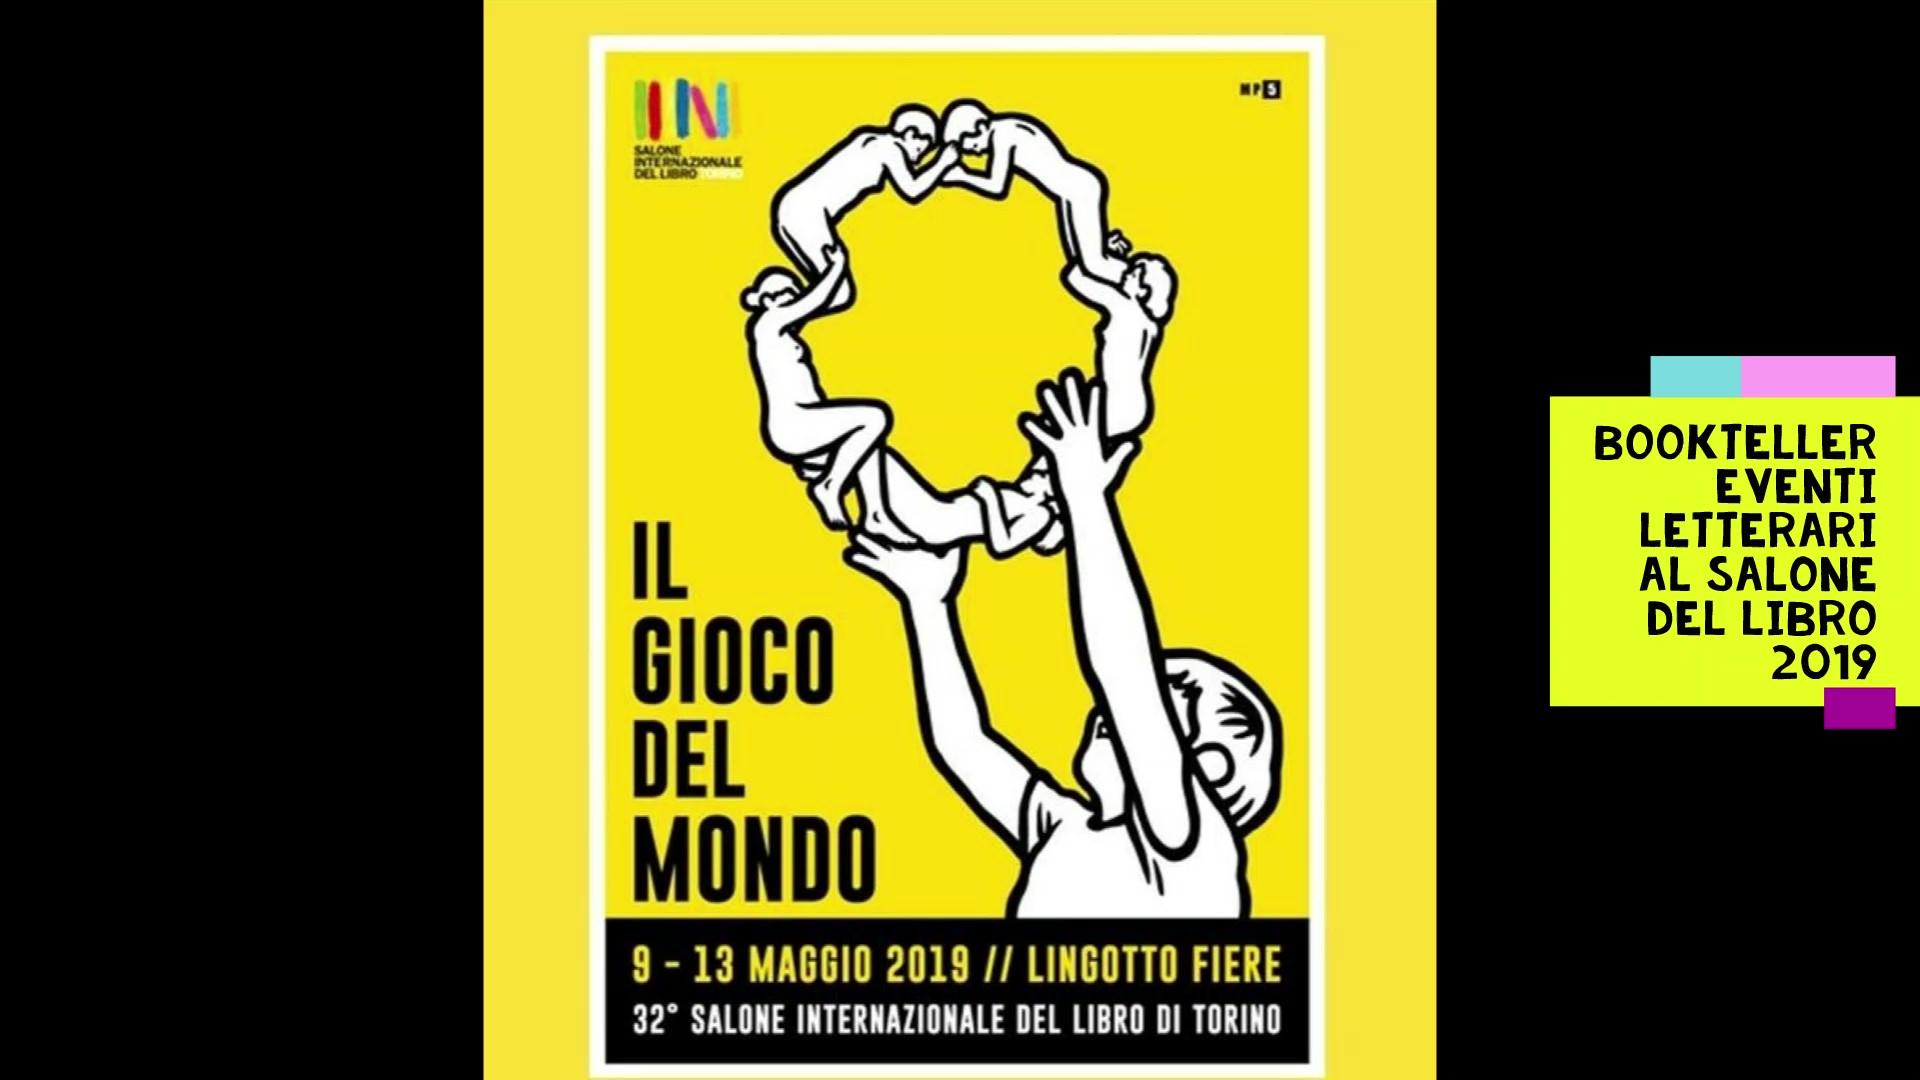 Bookteller Eventi Letterari Salone di Torino 2019_Moment